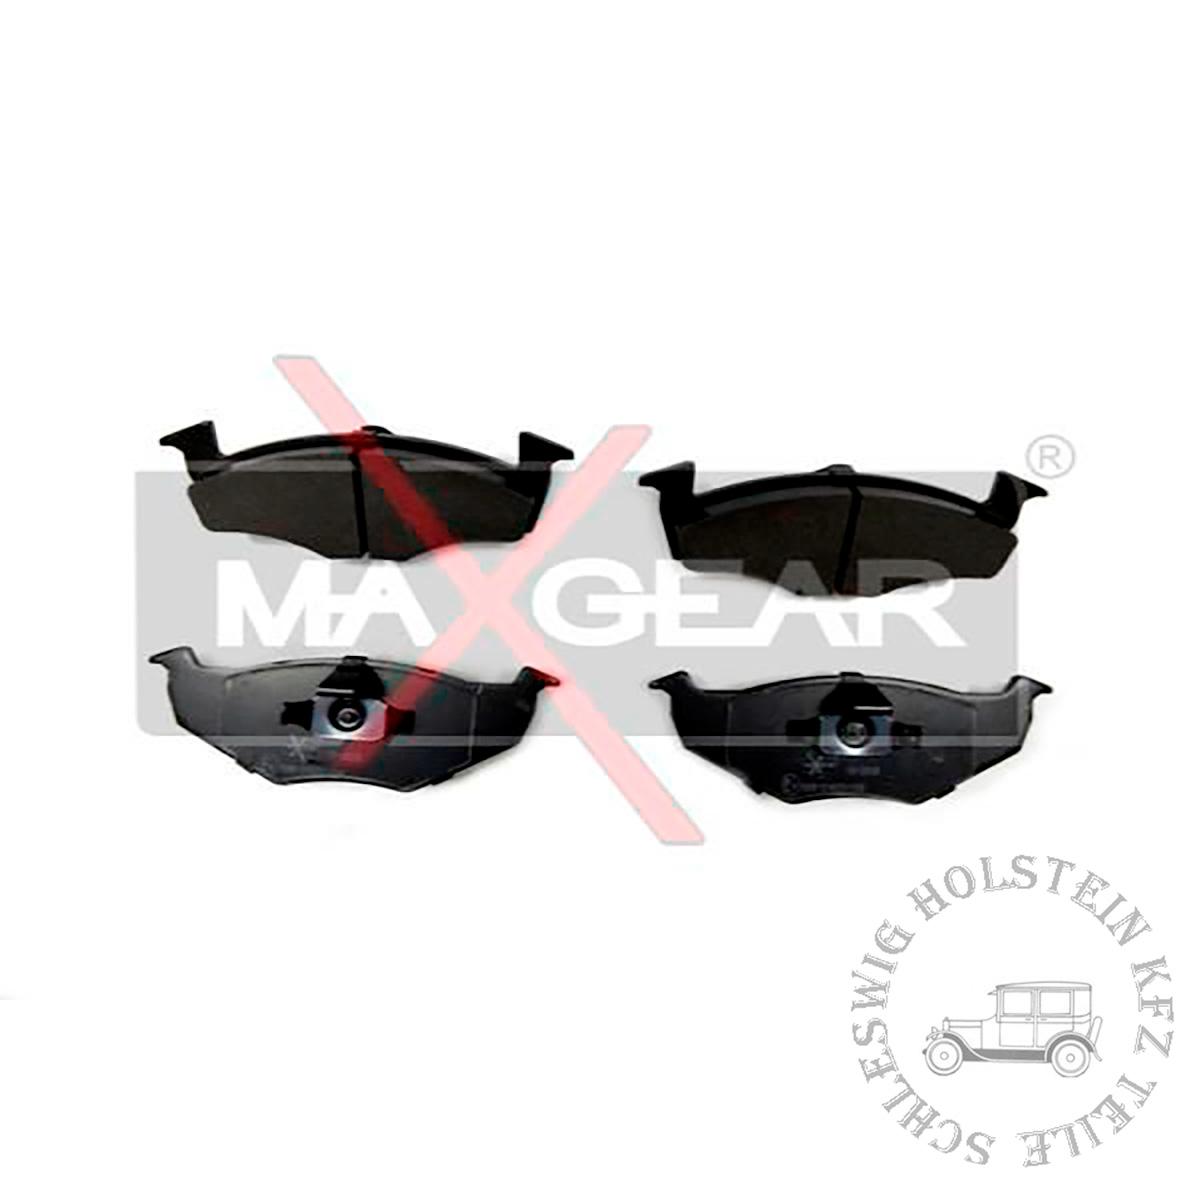 Bremsbelagsatz Vorne für VW GOLF III (1H1) 1.9 D